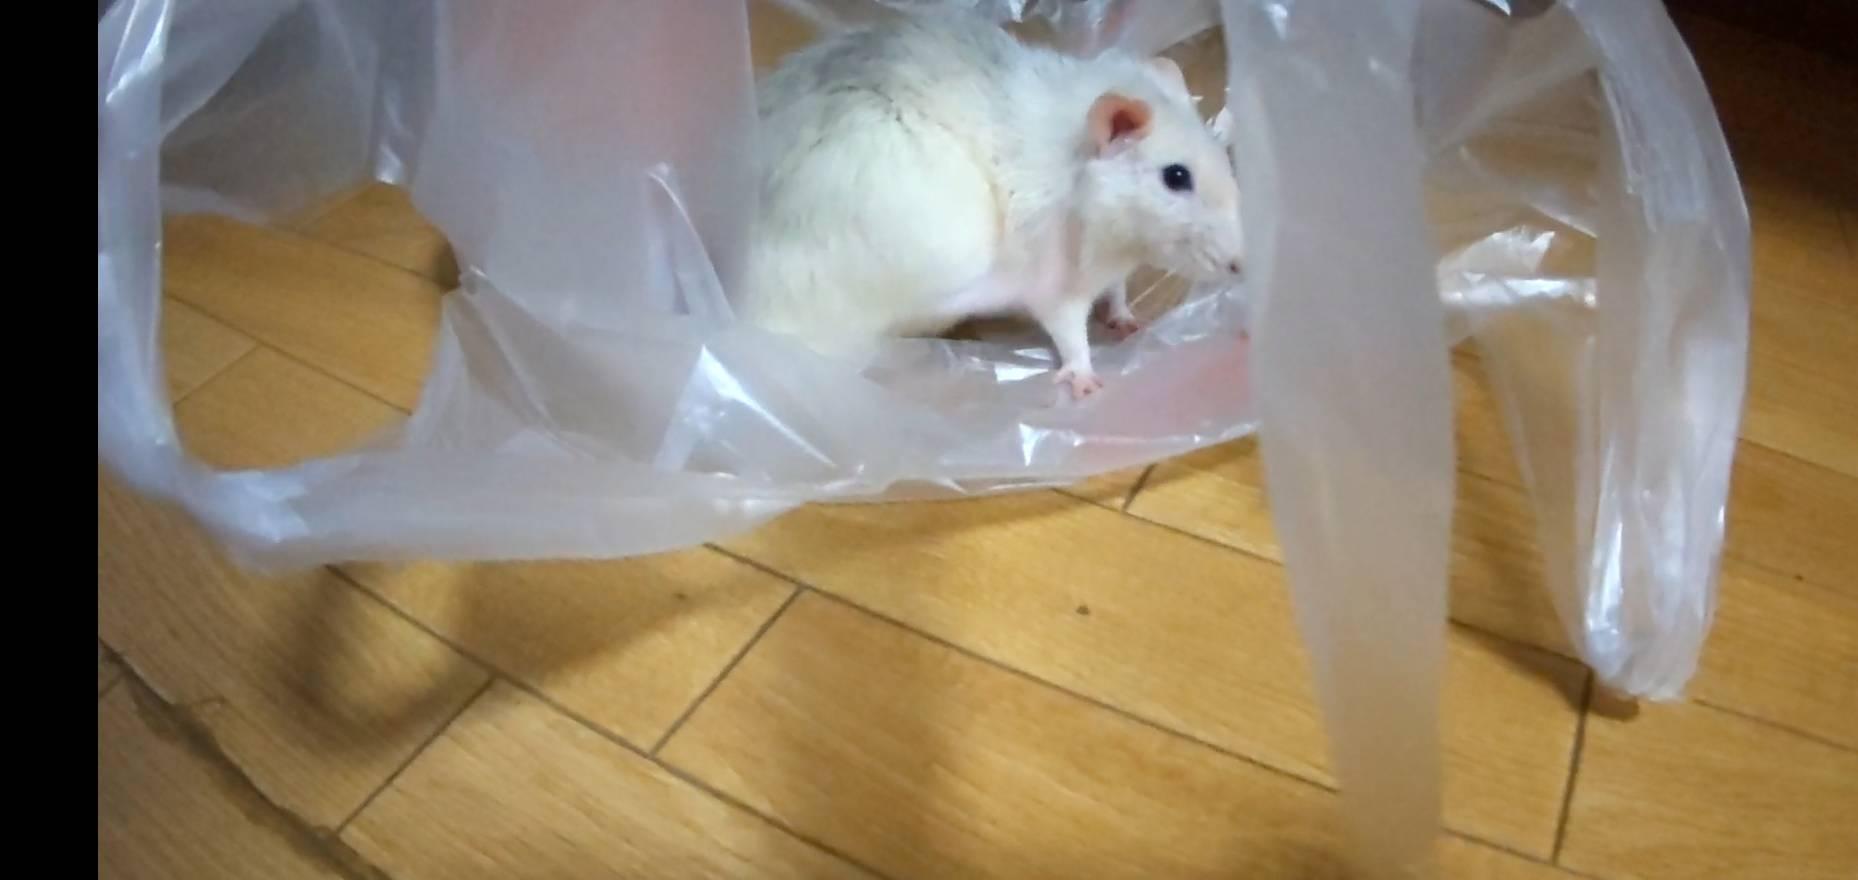 【ファンシーラット】ビニール袋って気持ちいの?